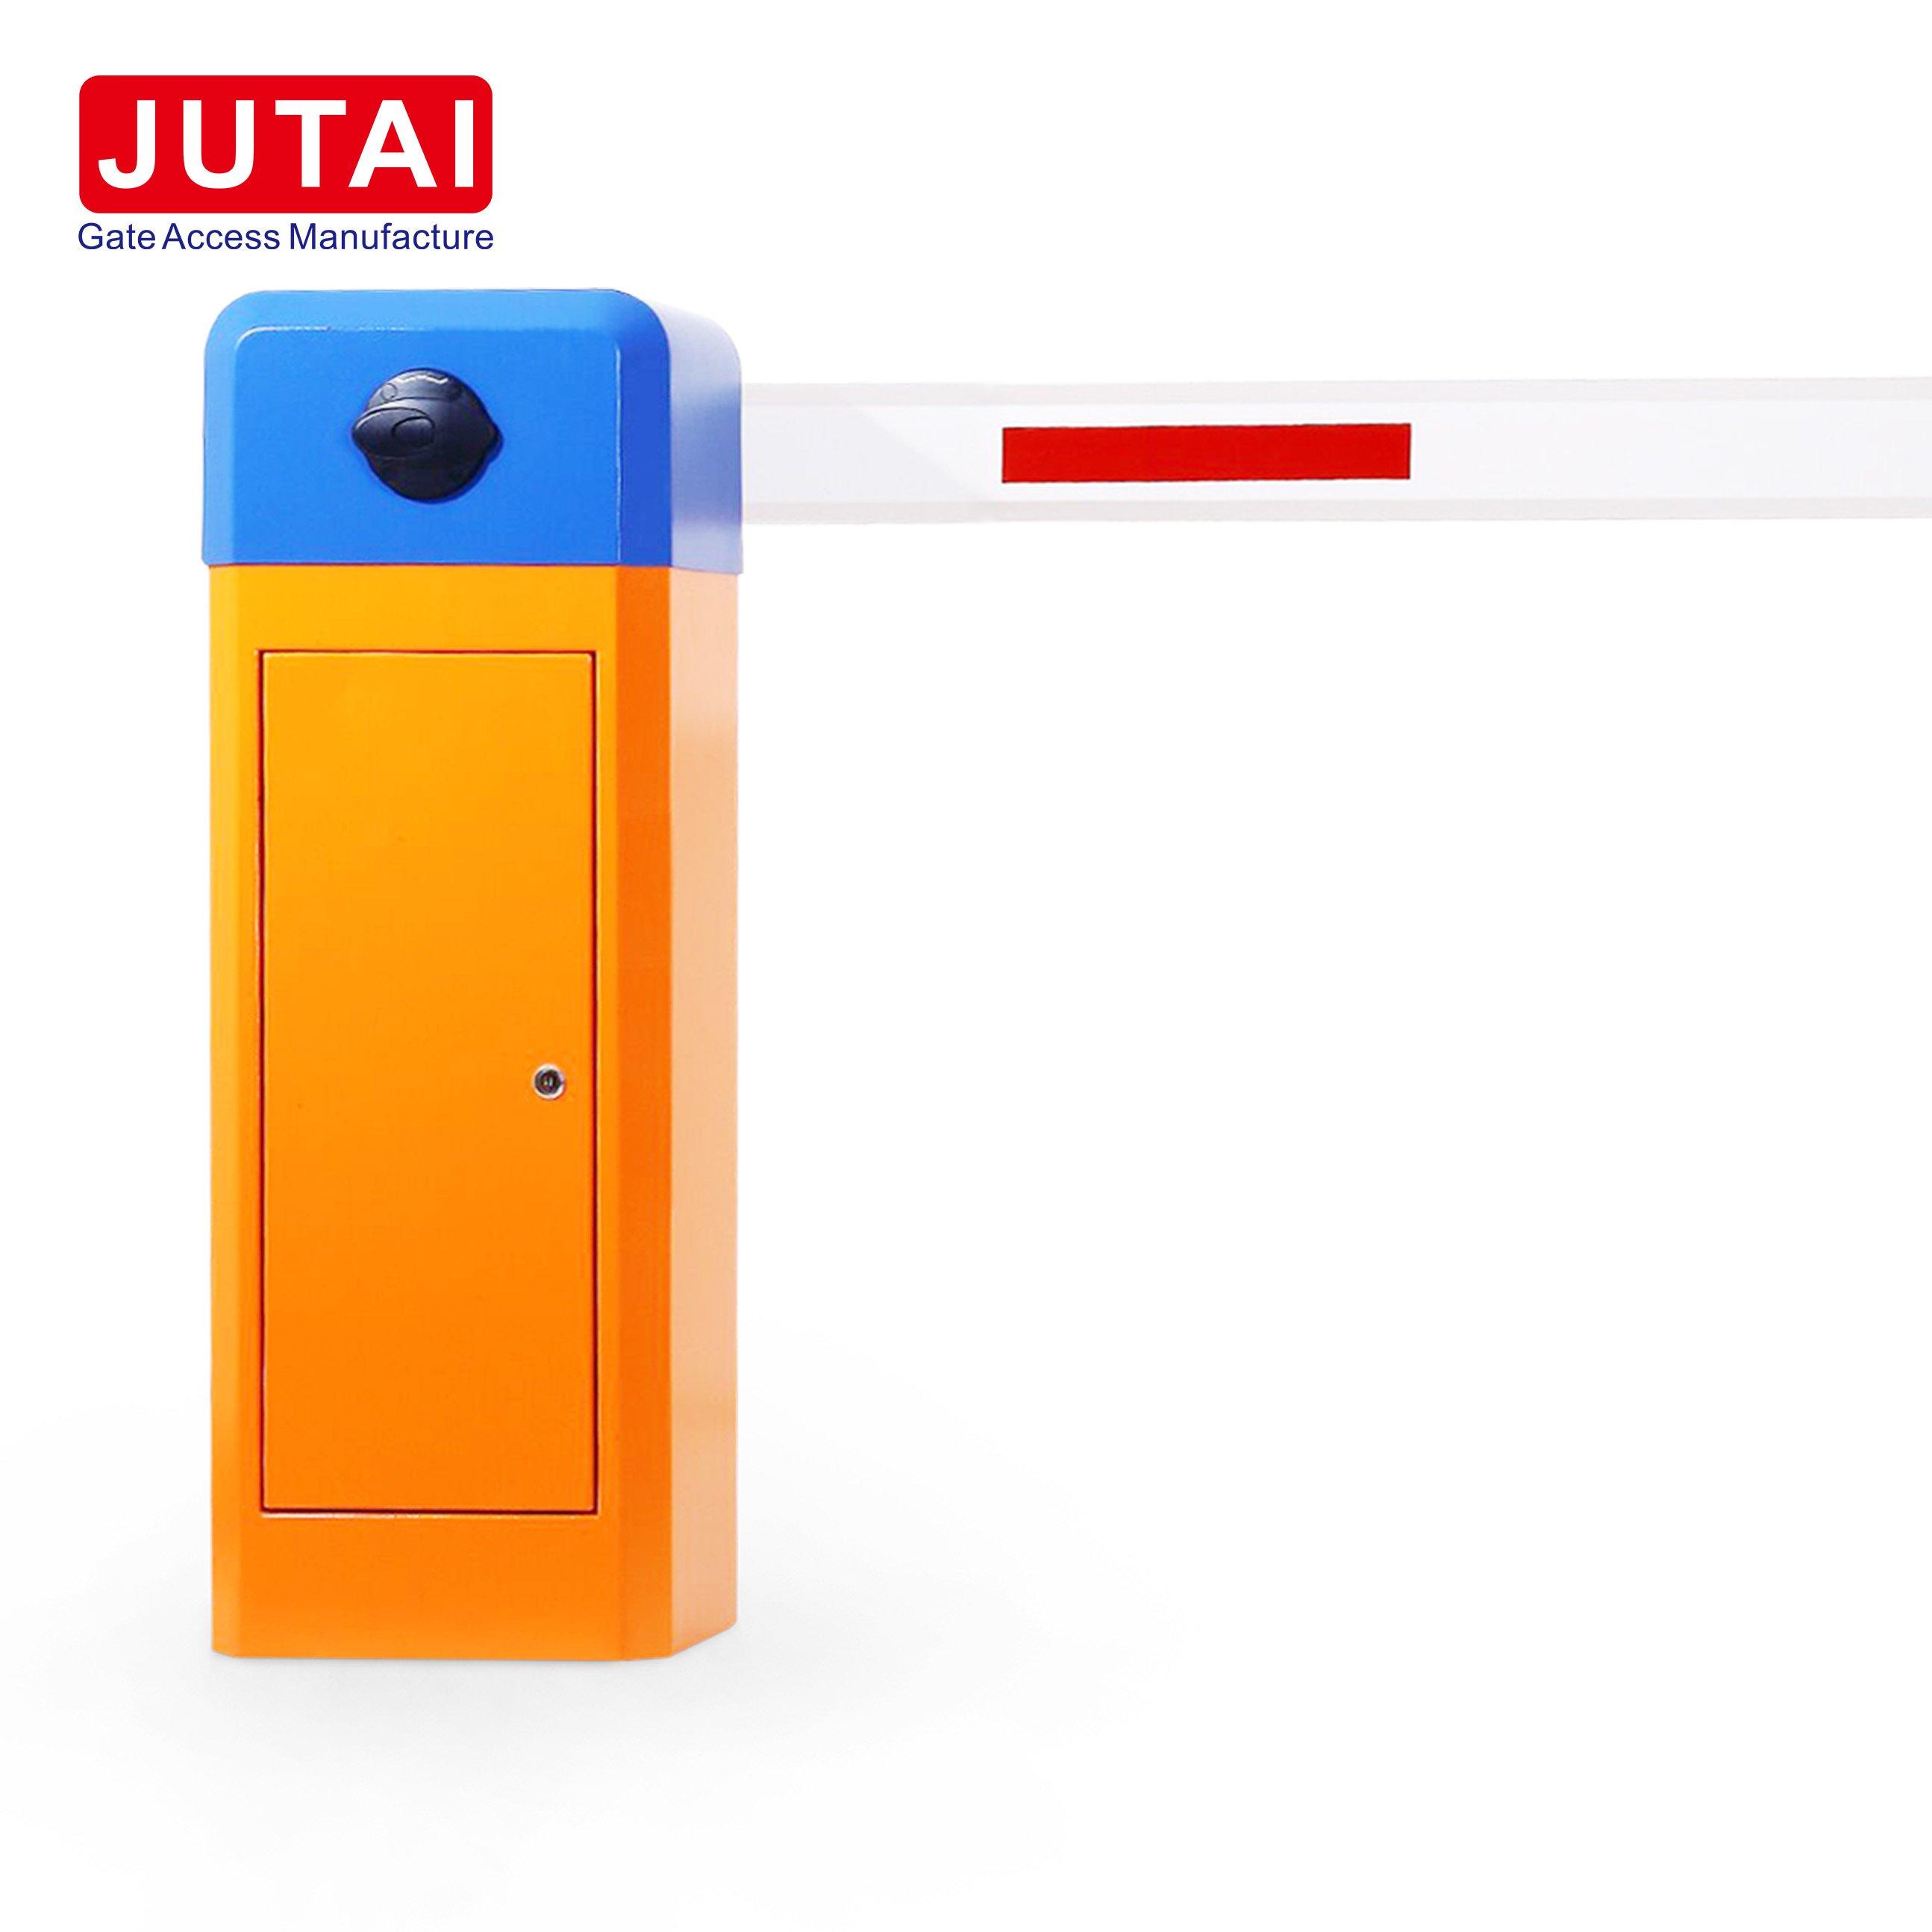 JUTAI Automatisches Barrier Gate